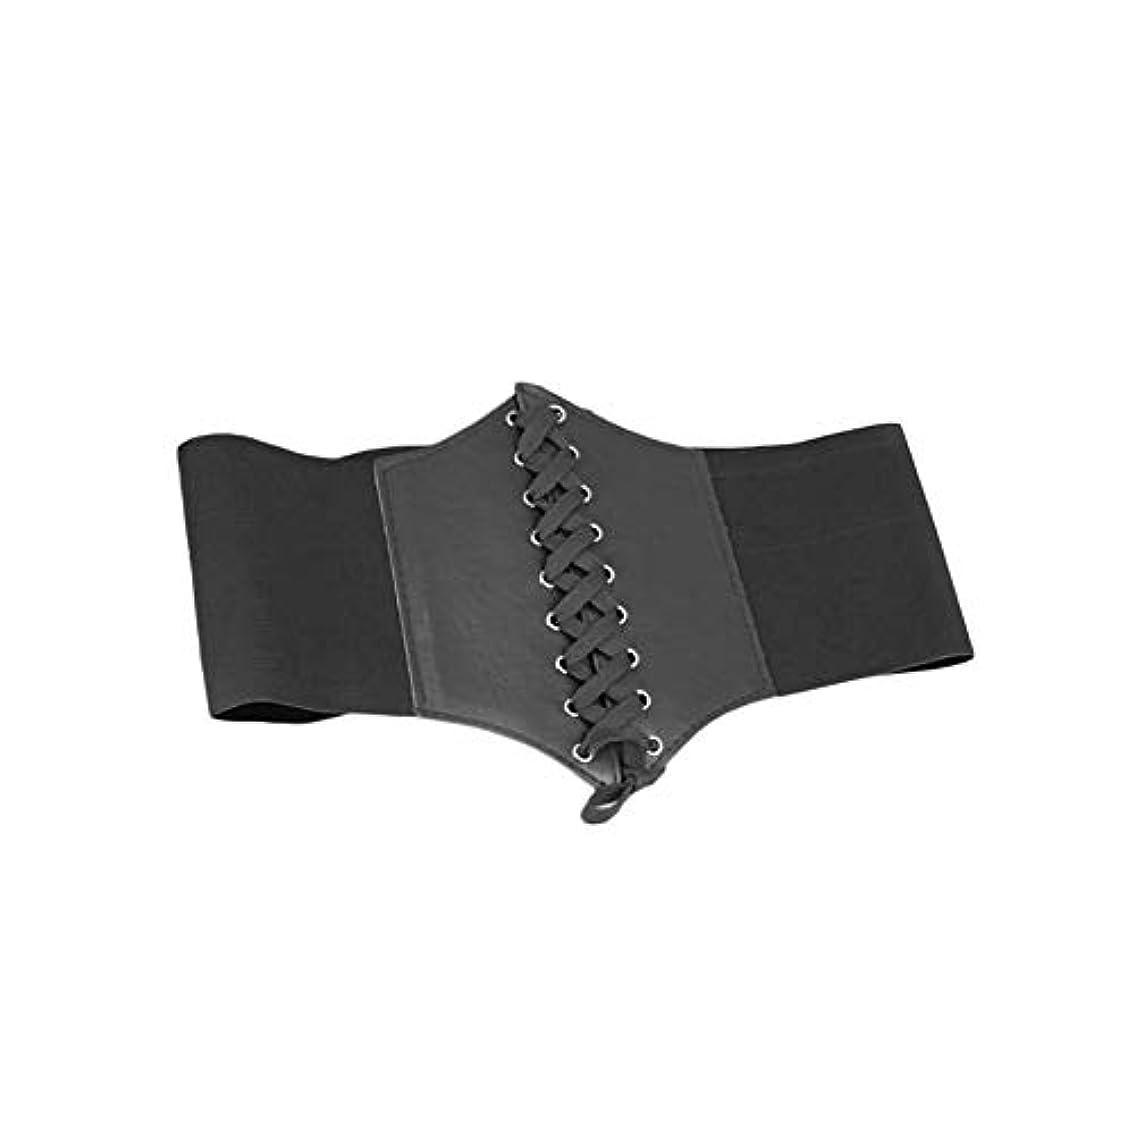 本当に続編理論女性ヴィンテージソリッドベルトウエストニッパーレースアップコルセット包帯ハイストレッチ調節可能なネクタイワイドウエストバンド用女性 - 黒